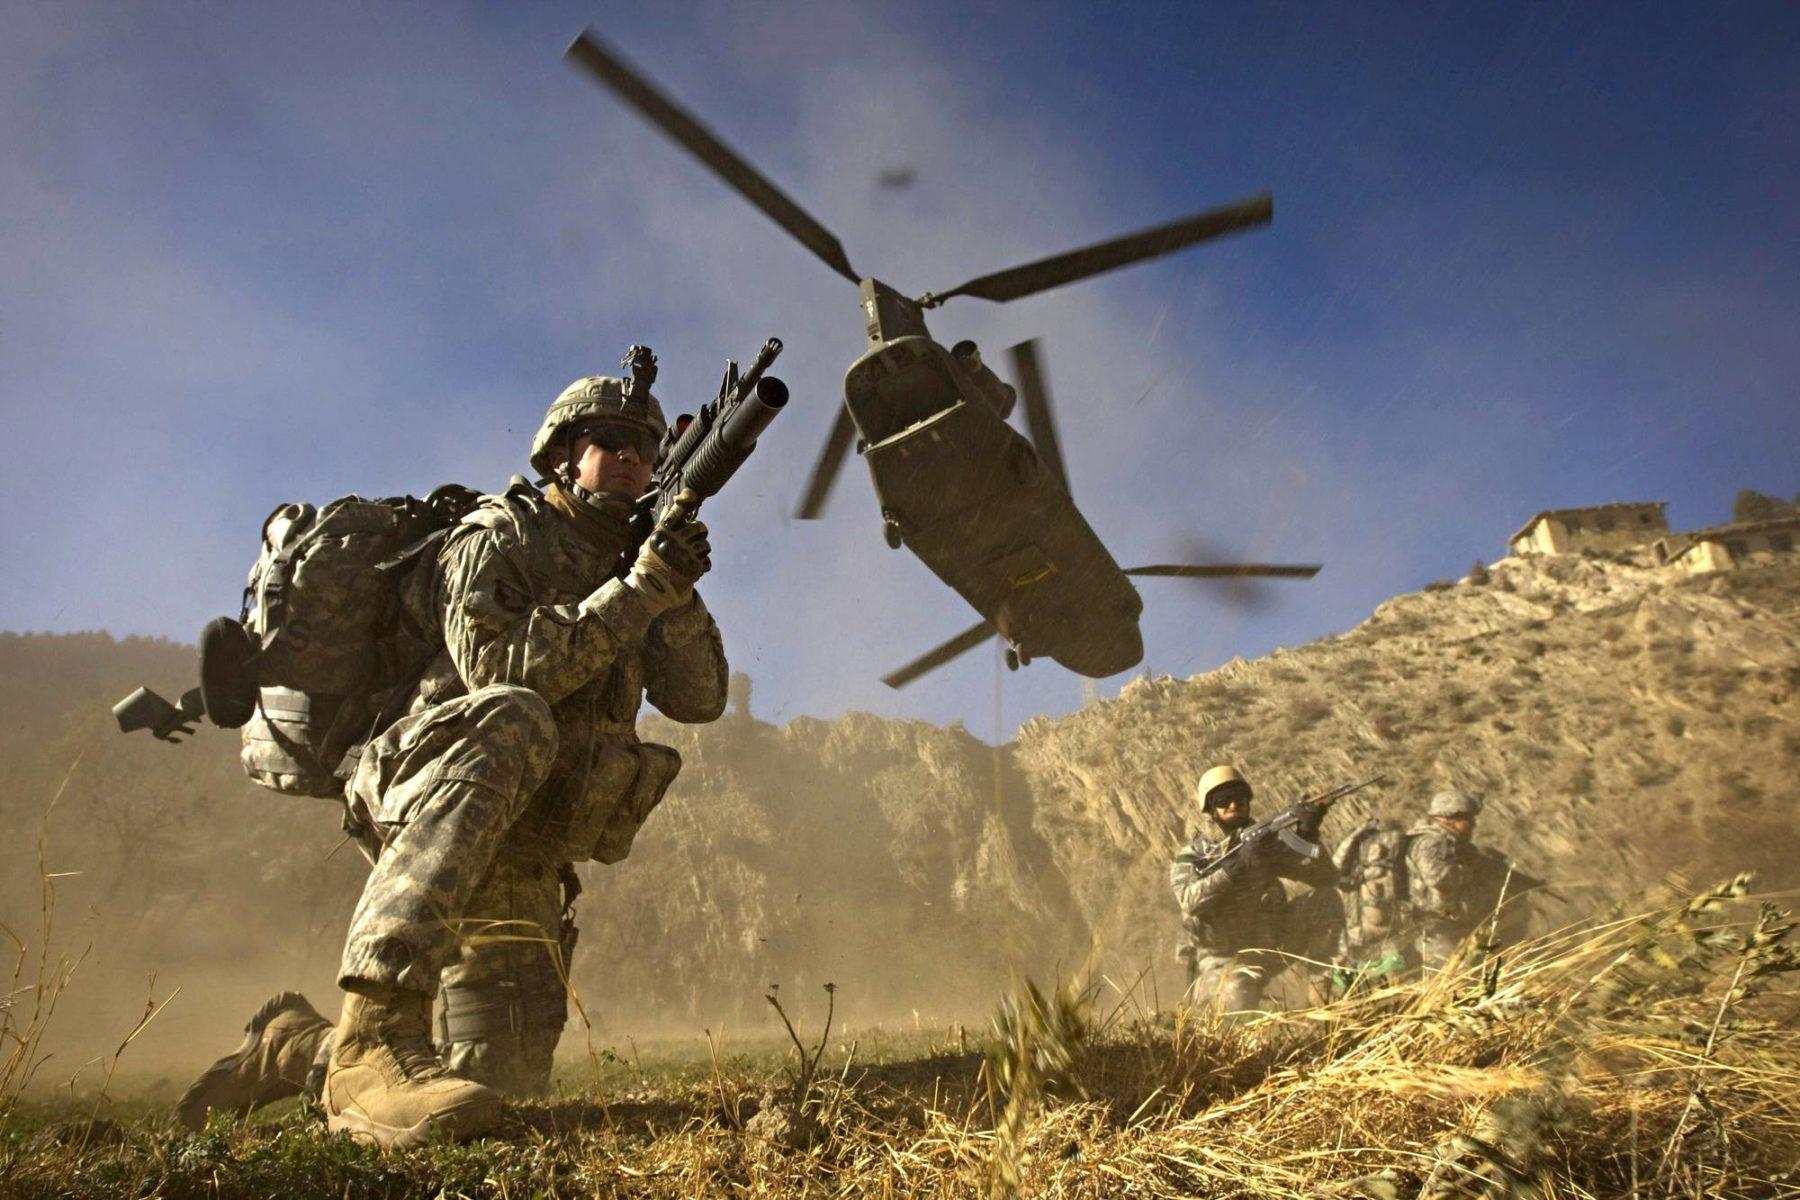 Yhdysvaltain armeijan sotilaat toimivat Afganistanin ja Pakistanin rajaseudulla marraskuussa 2008.